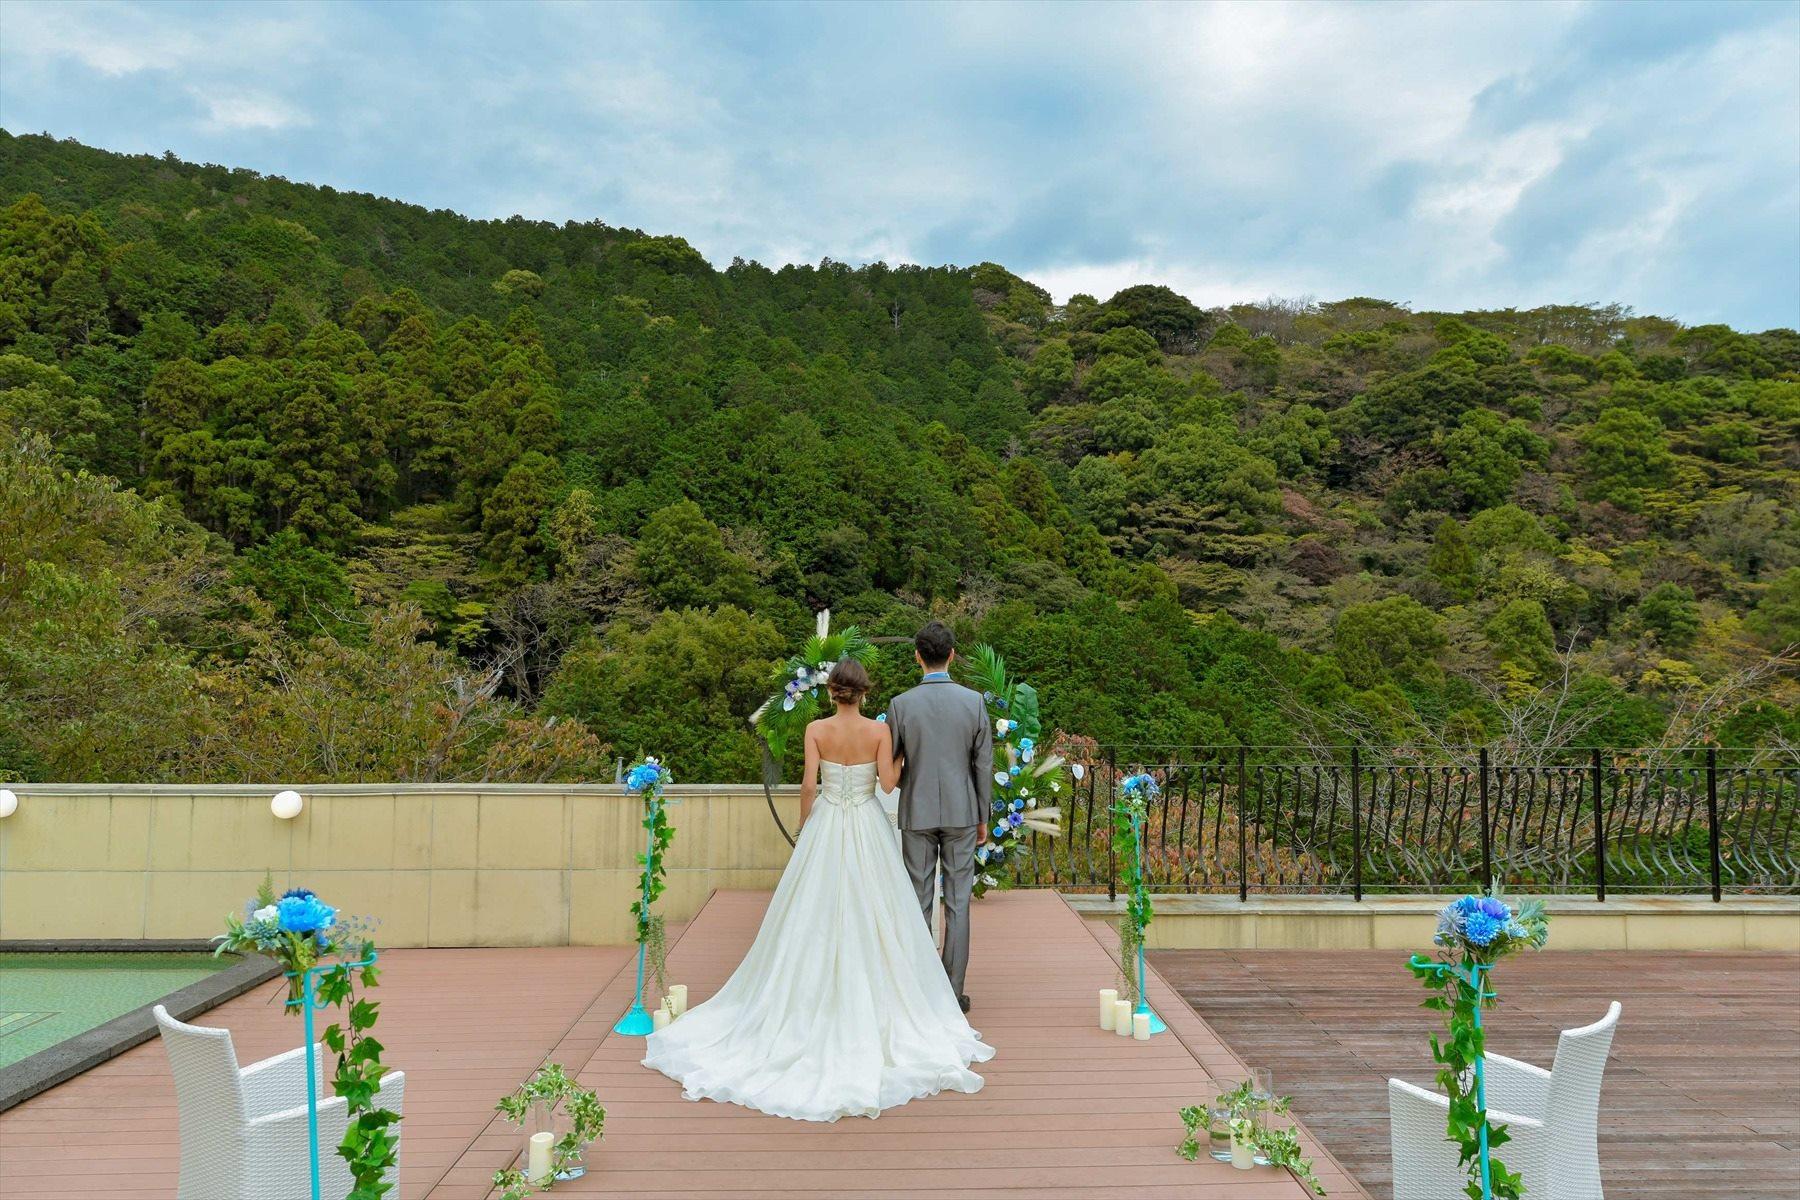 静岡ウェディング 静岡県プライベート挙式 ブライダルフォト